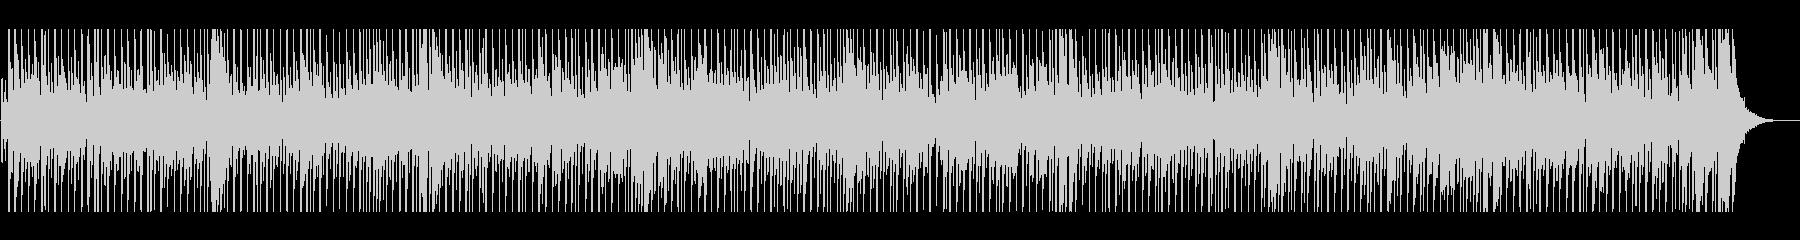 軽快なマンドリンカントリーの未再生の波形